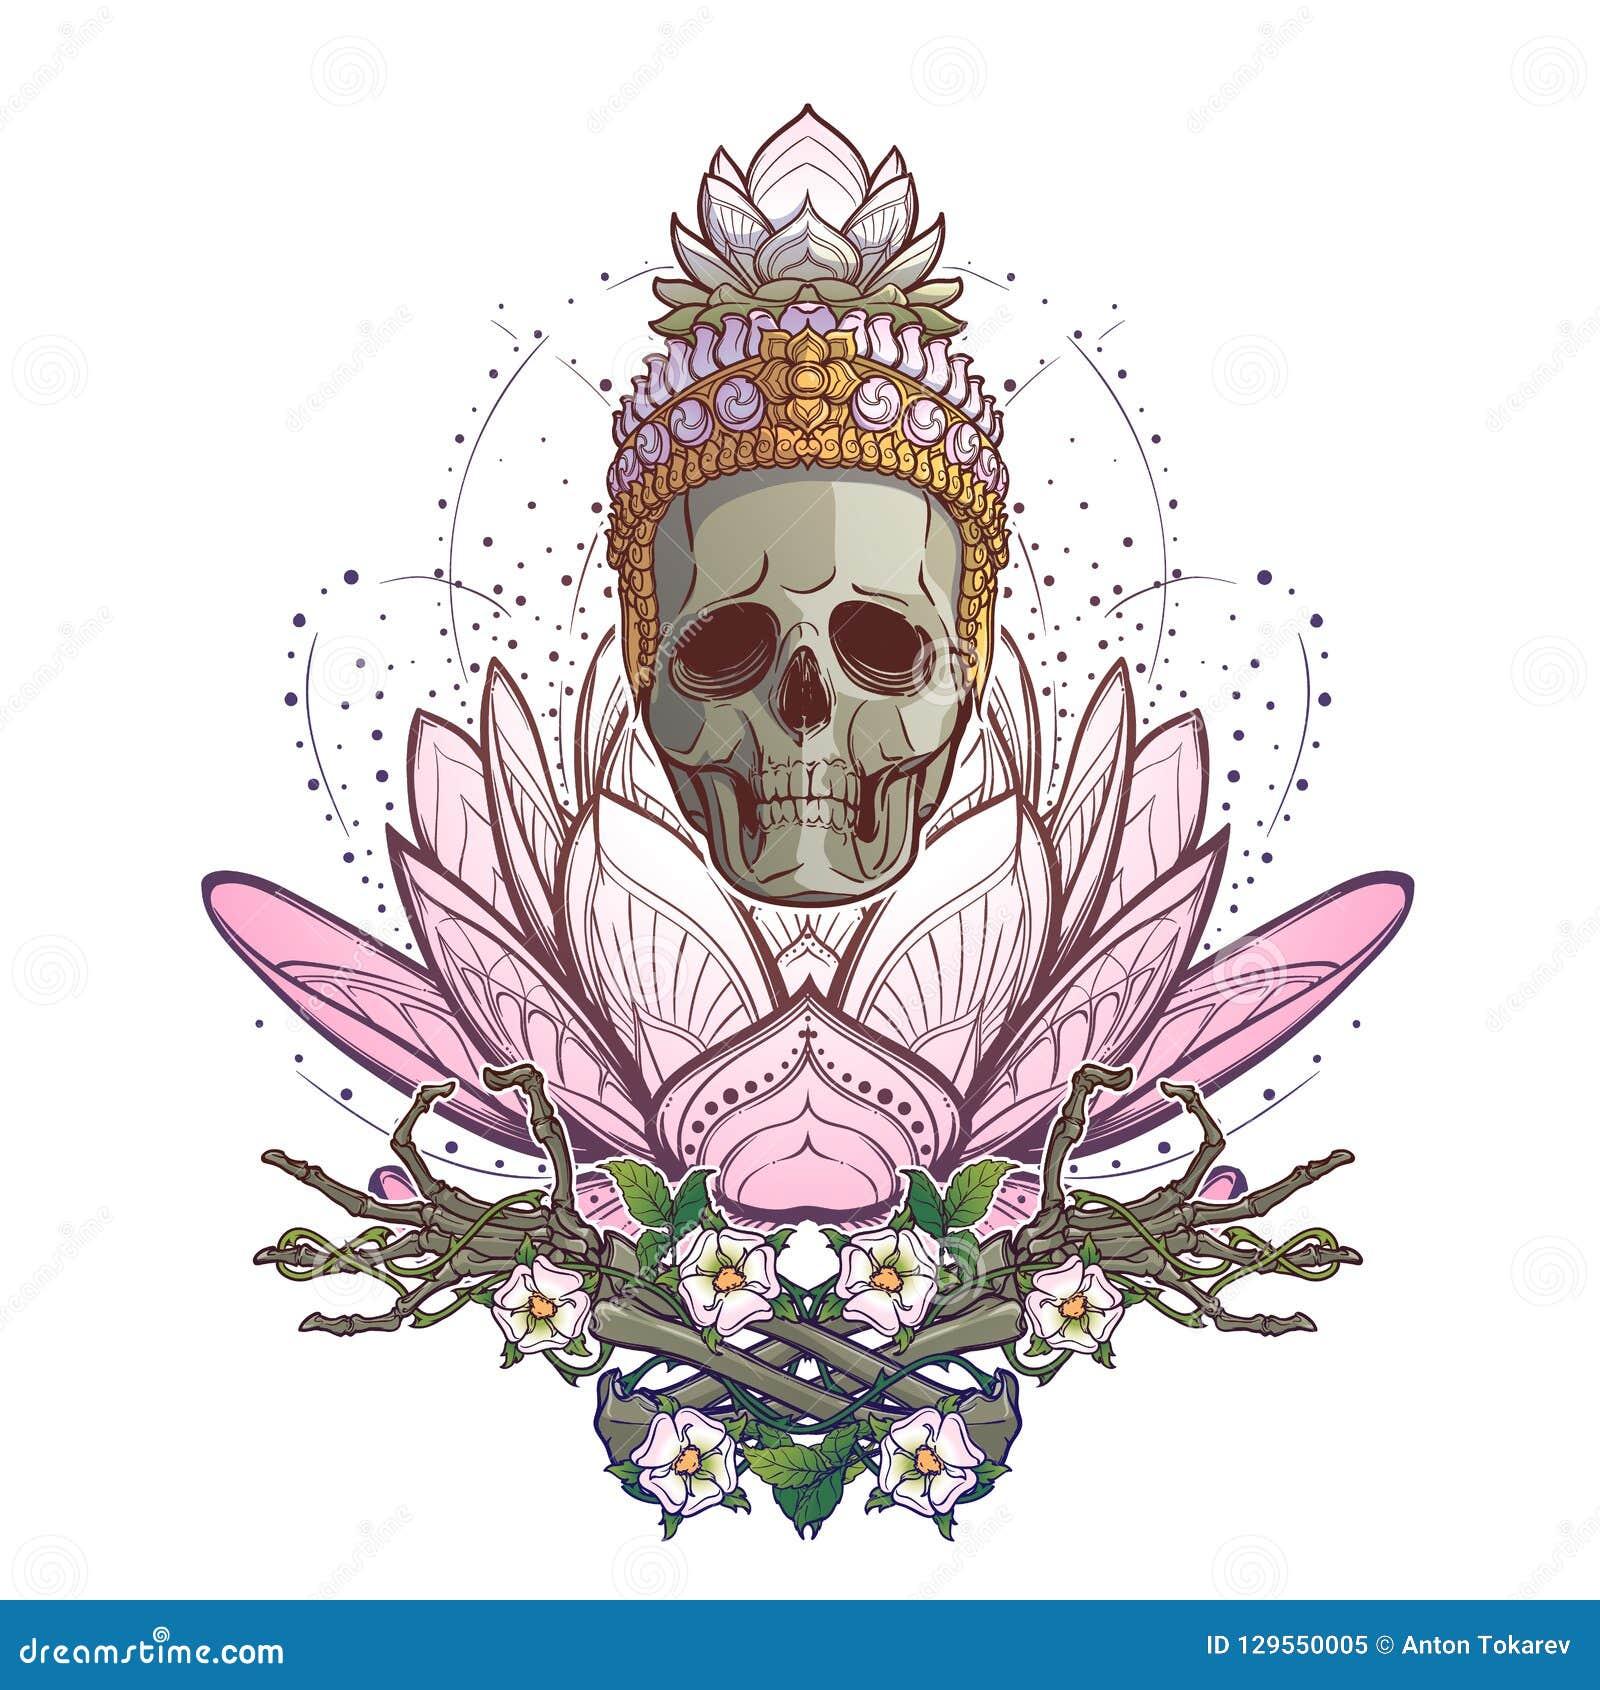 Meditating Skeleton Human Skull And Hands On A Sacred Lotus Flower